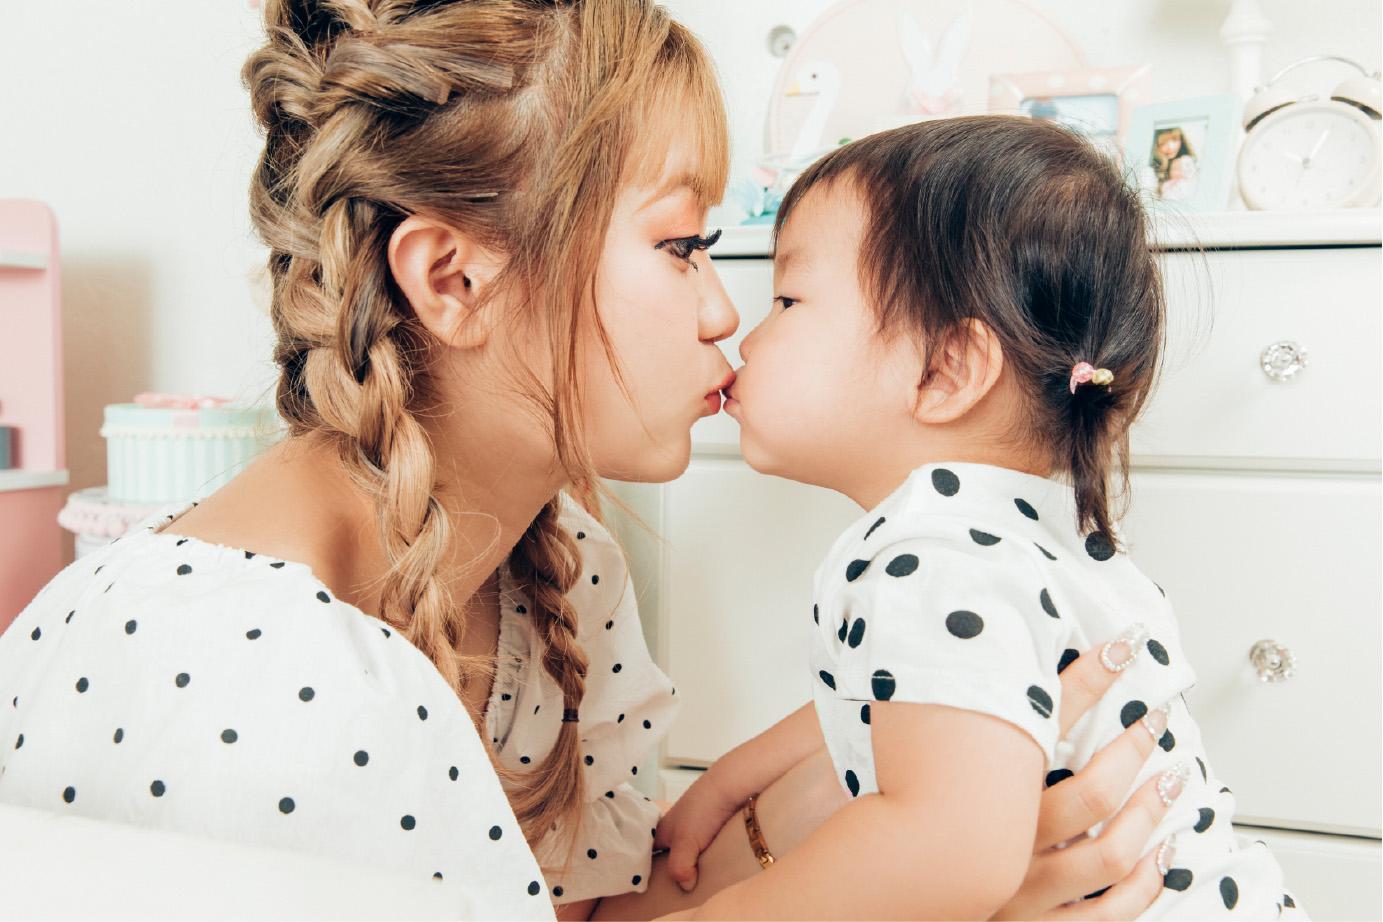 聖菜さんと娘の蘭愛(ララ)ちゃん 撮影:横山マサト